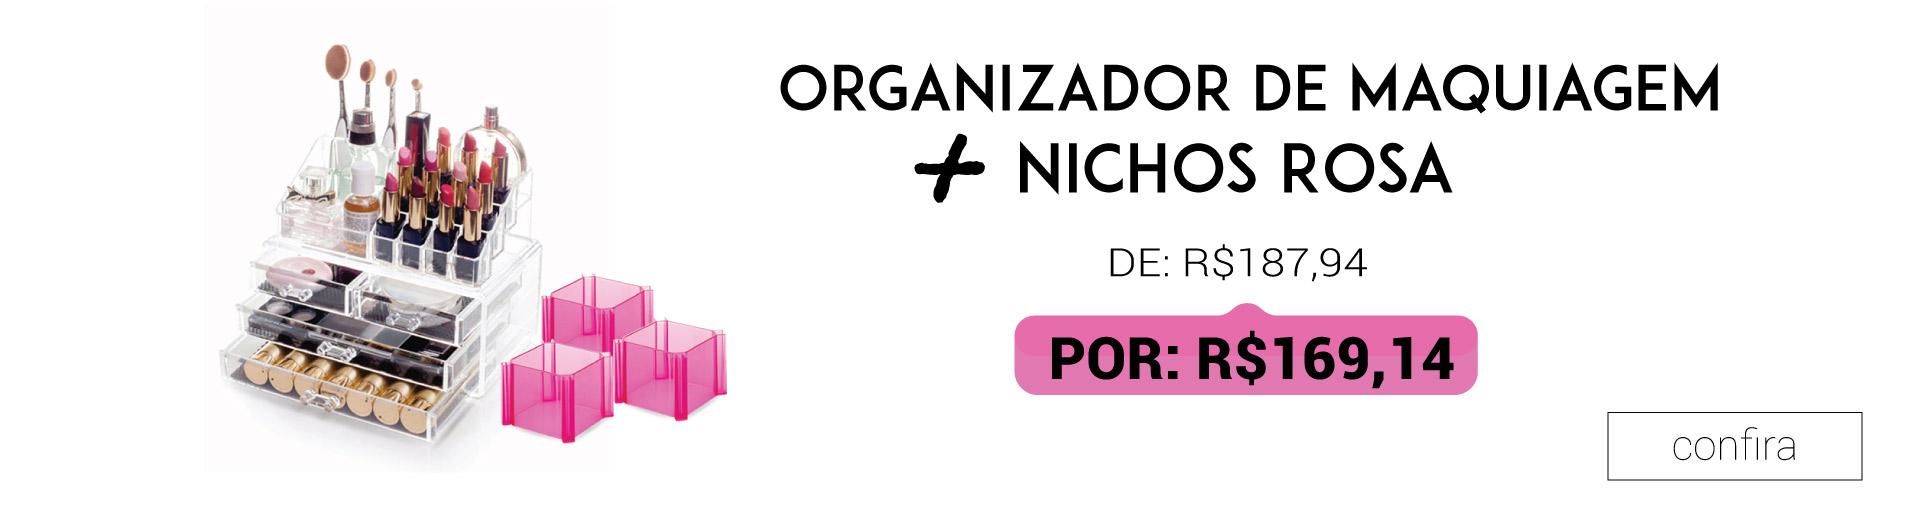 Organizador de Maquiagem e Nichos Rosa